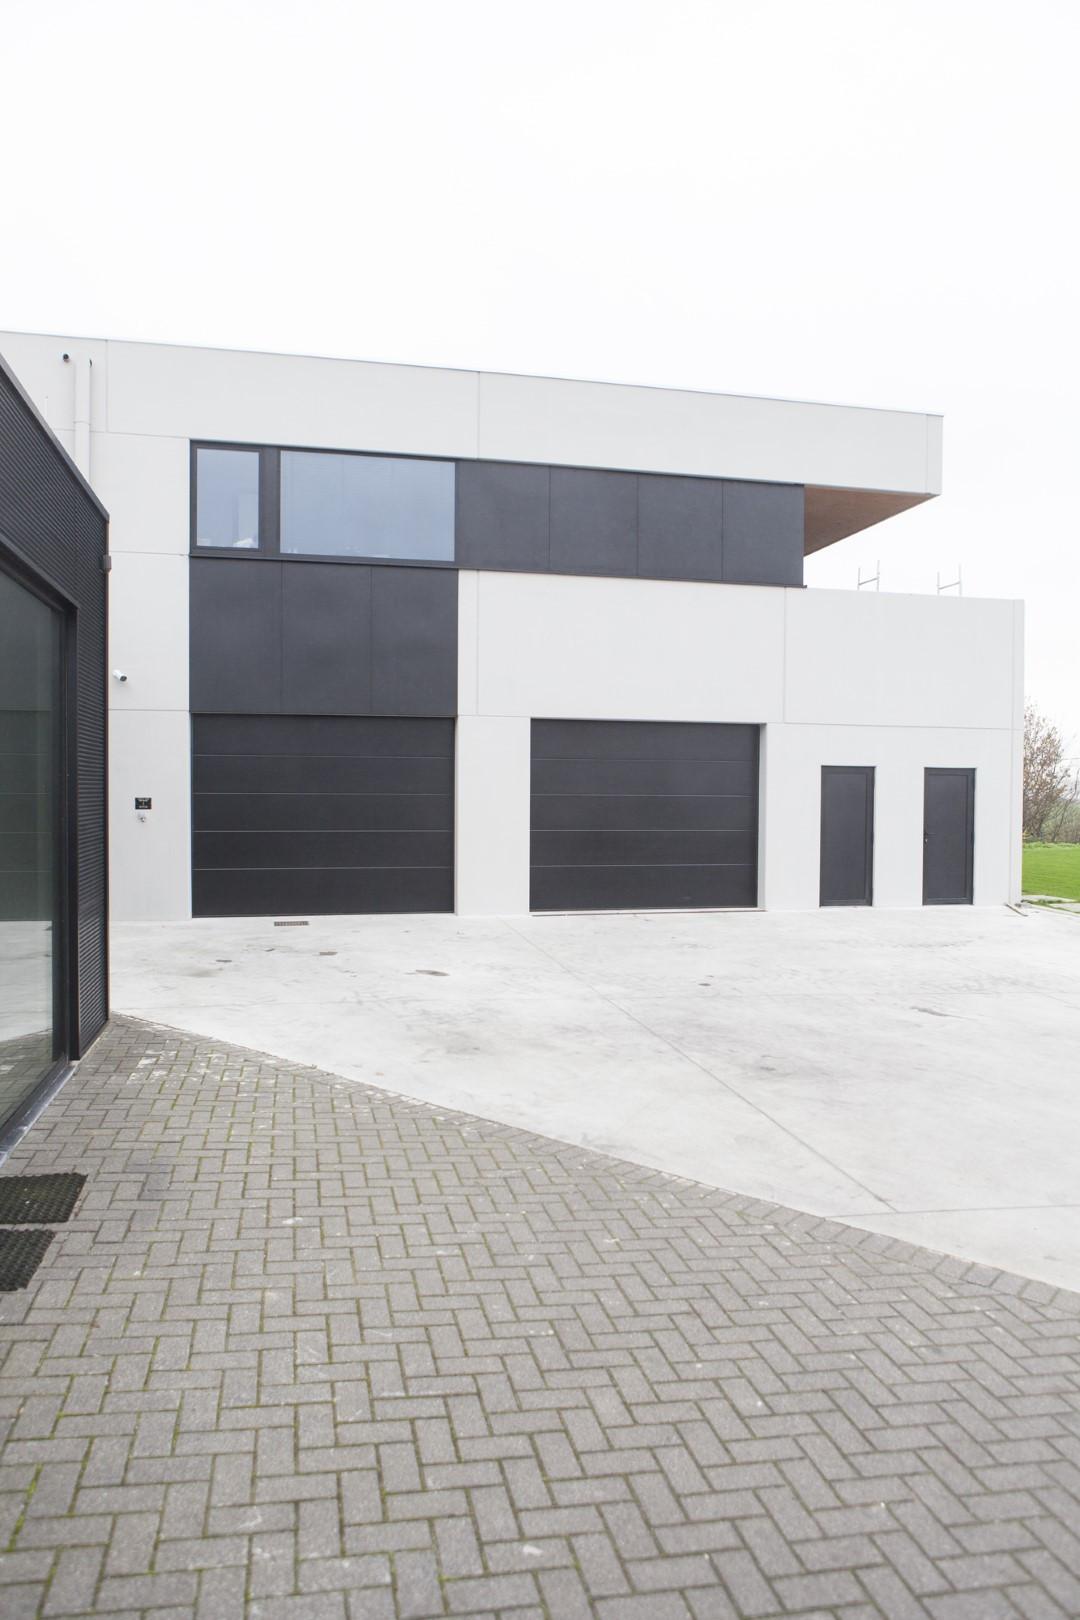 Altex_Sint Eloois Winkel_industriegebouw_werkplaats_atelier_toonzaal_burelen_woning (10).jpg